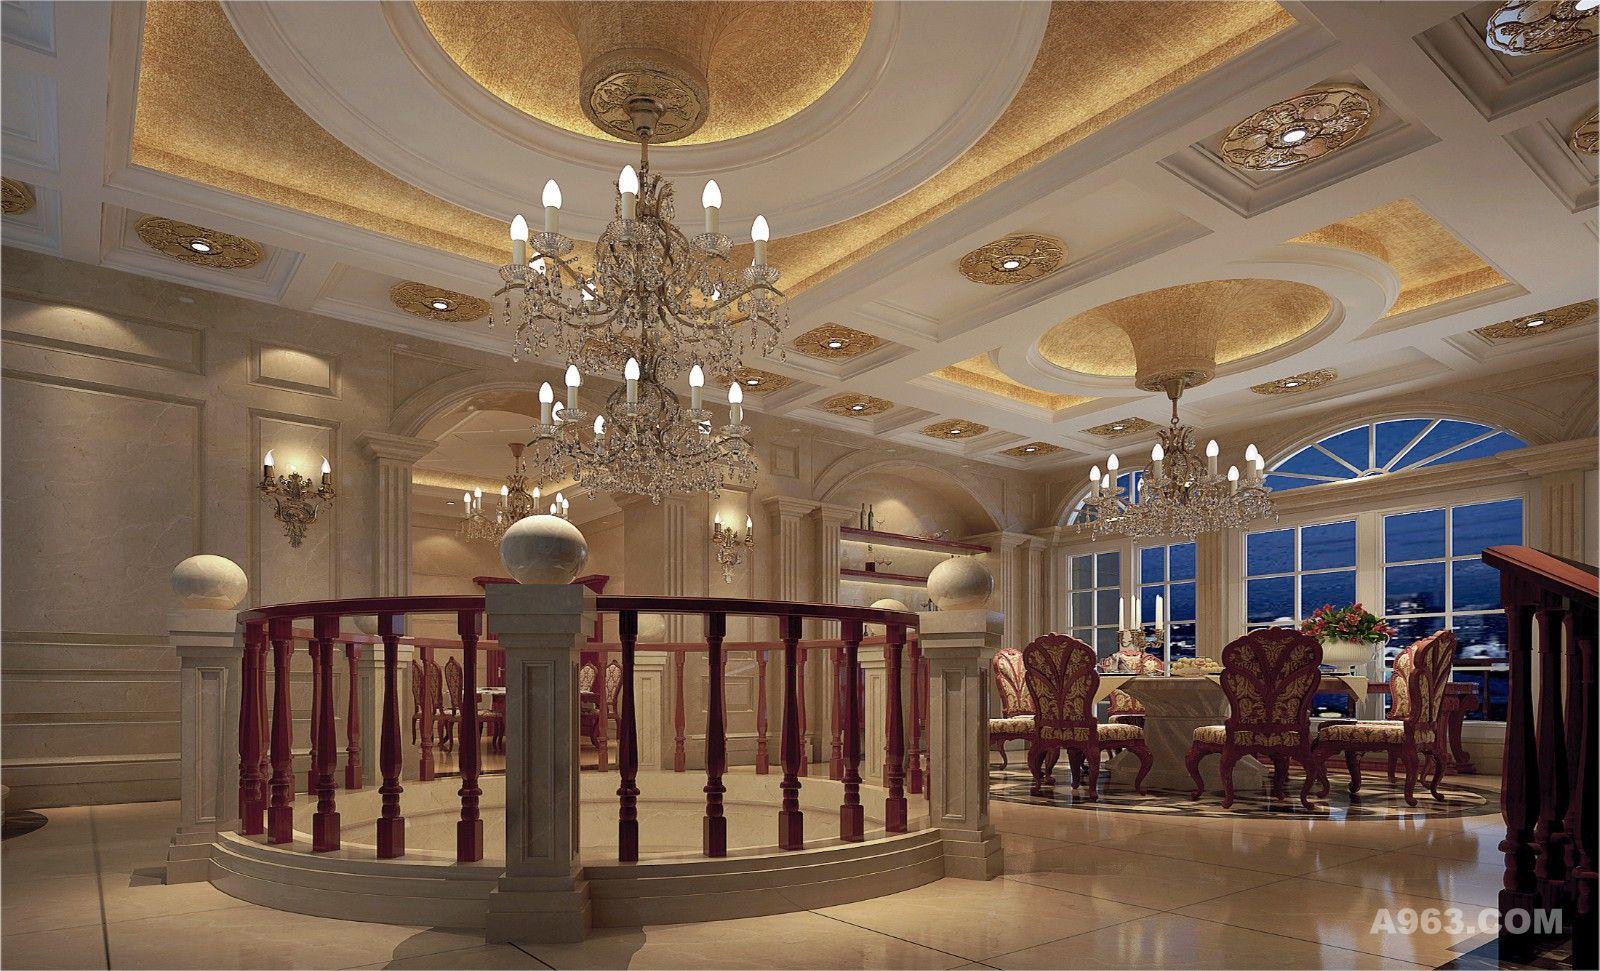 餐厅的天花设计特别的别致 不规则的圆柱为这个规整的空间注入了一份跳脱感